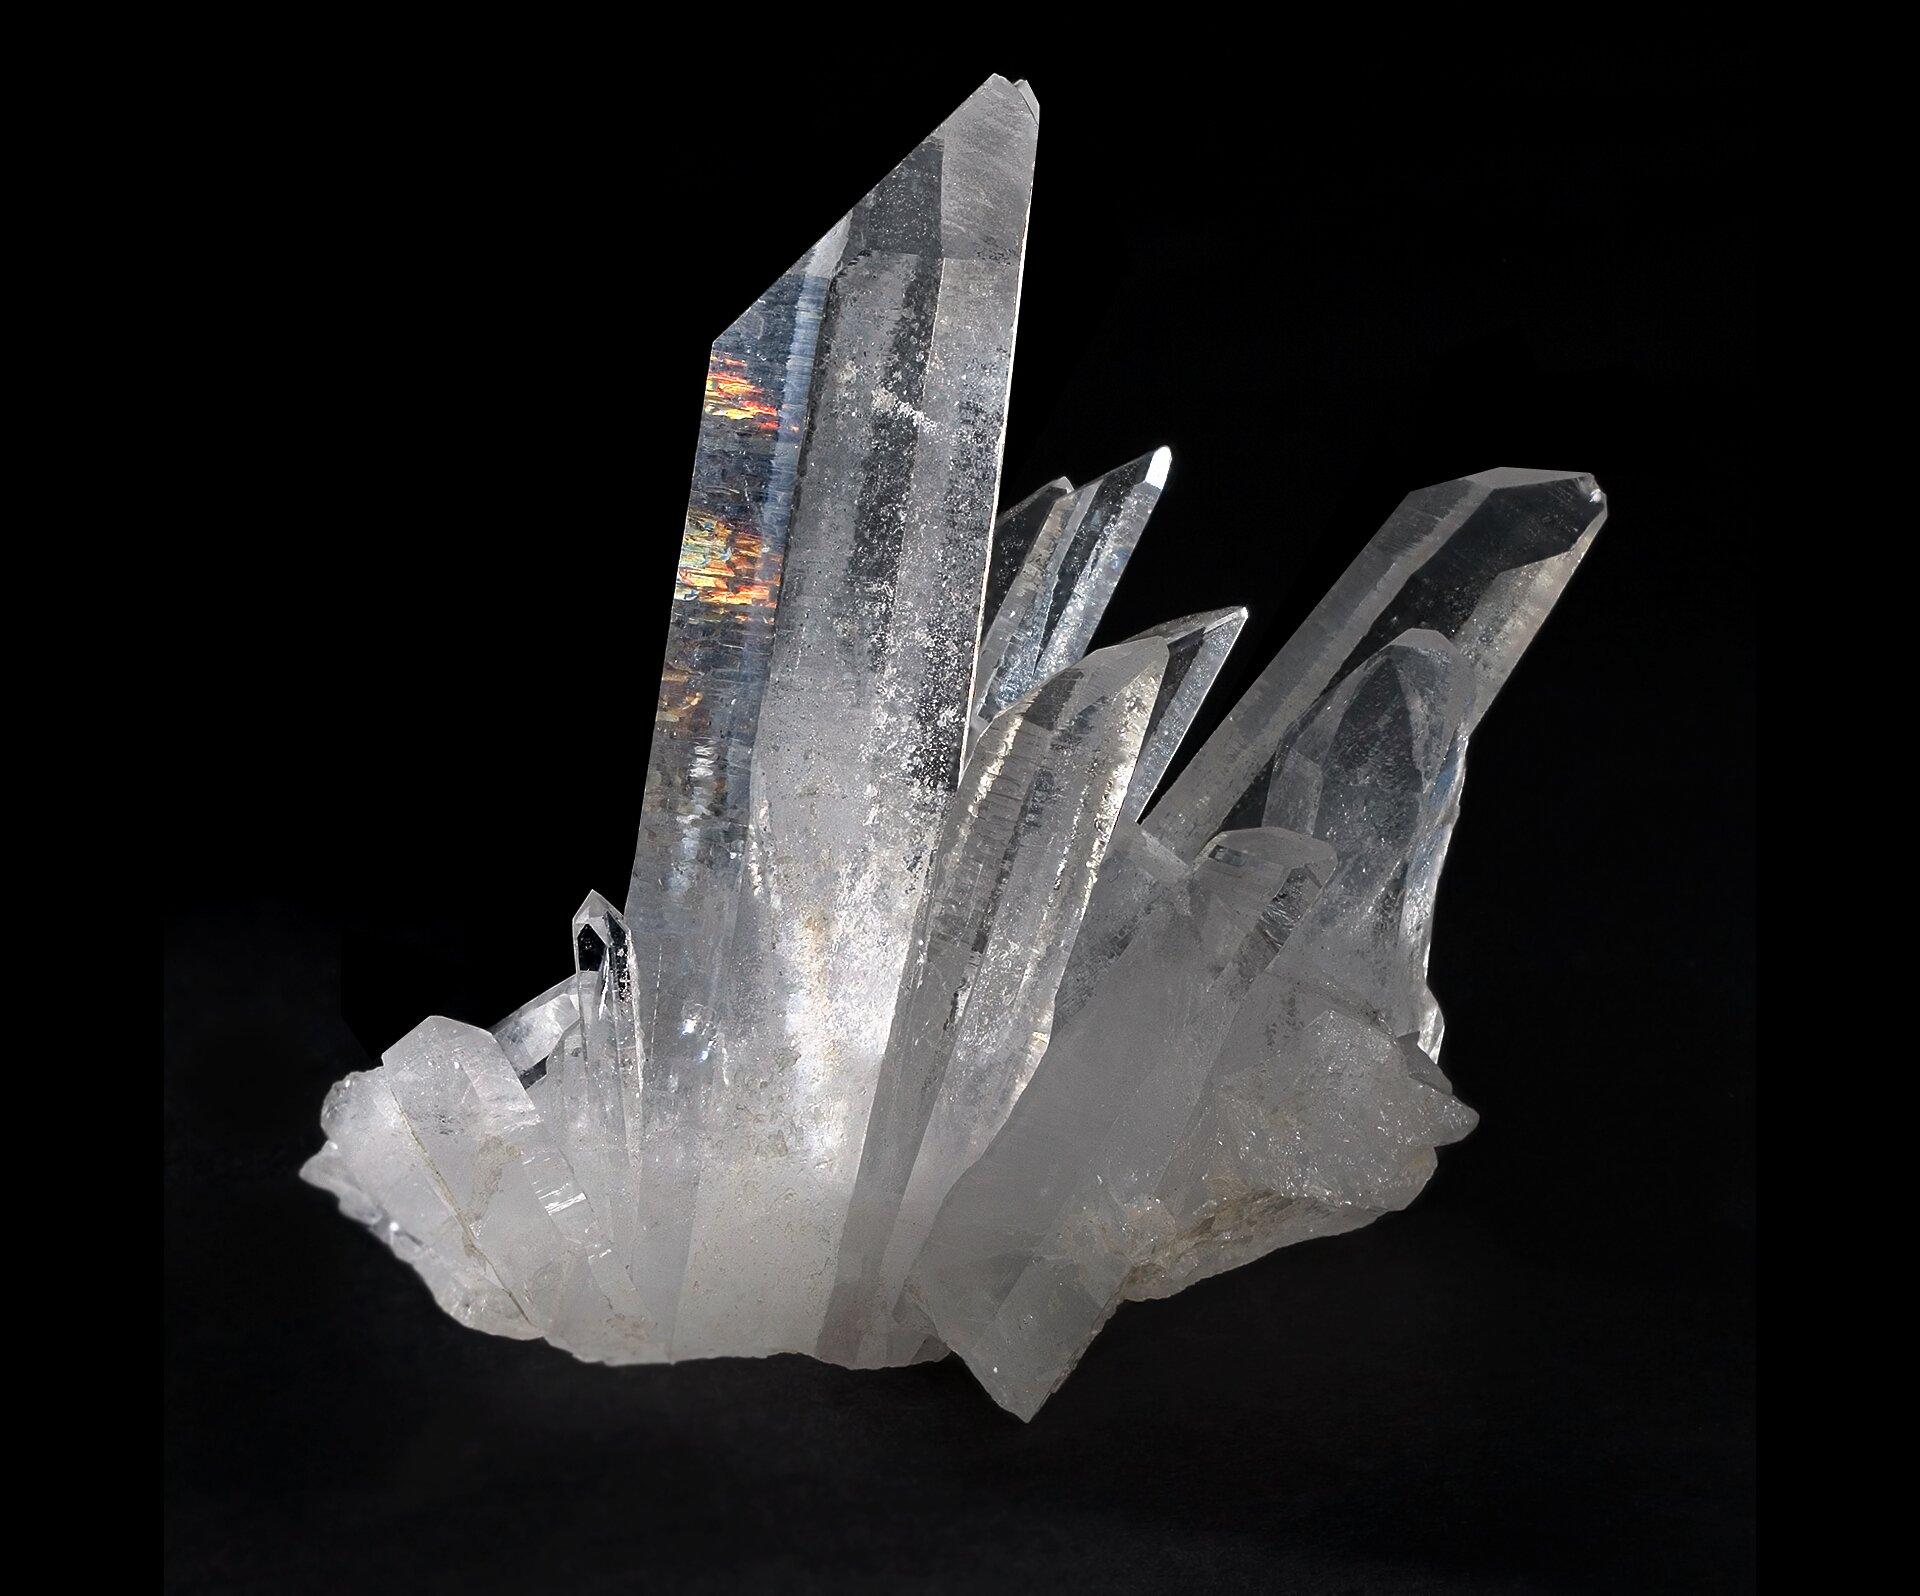 Na zdjęciu minerał. Jest to kwarc. Jest przezroczysty, bezbarwny. Kryształy wpostaci sześciobocznych słupów.